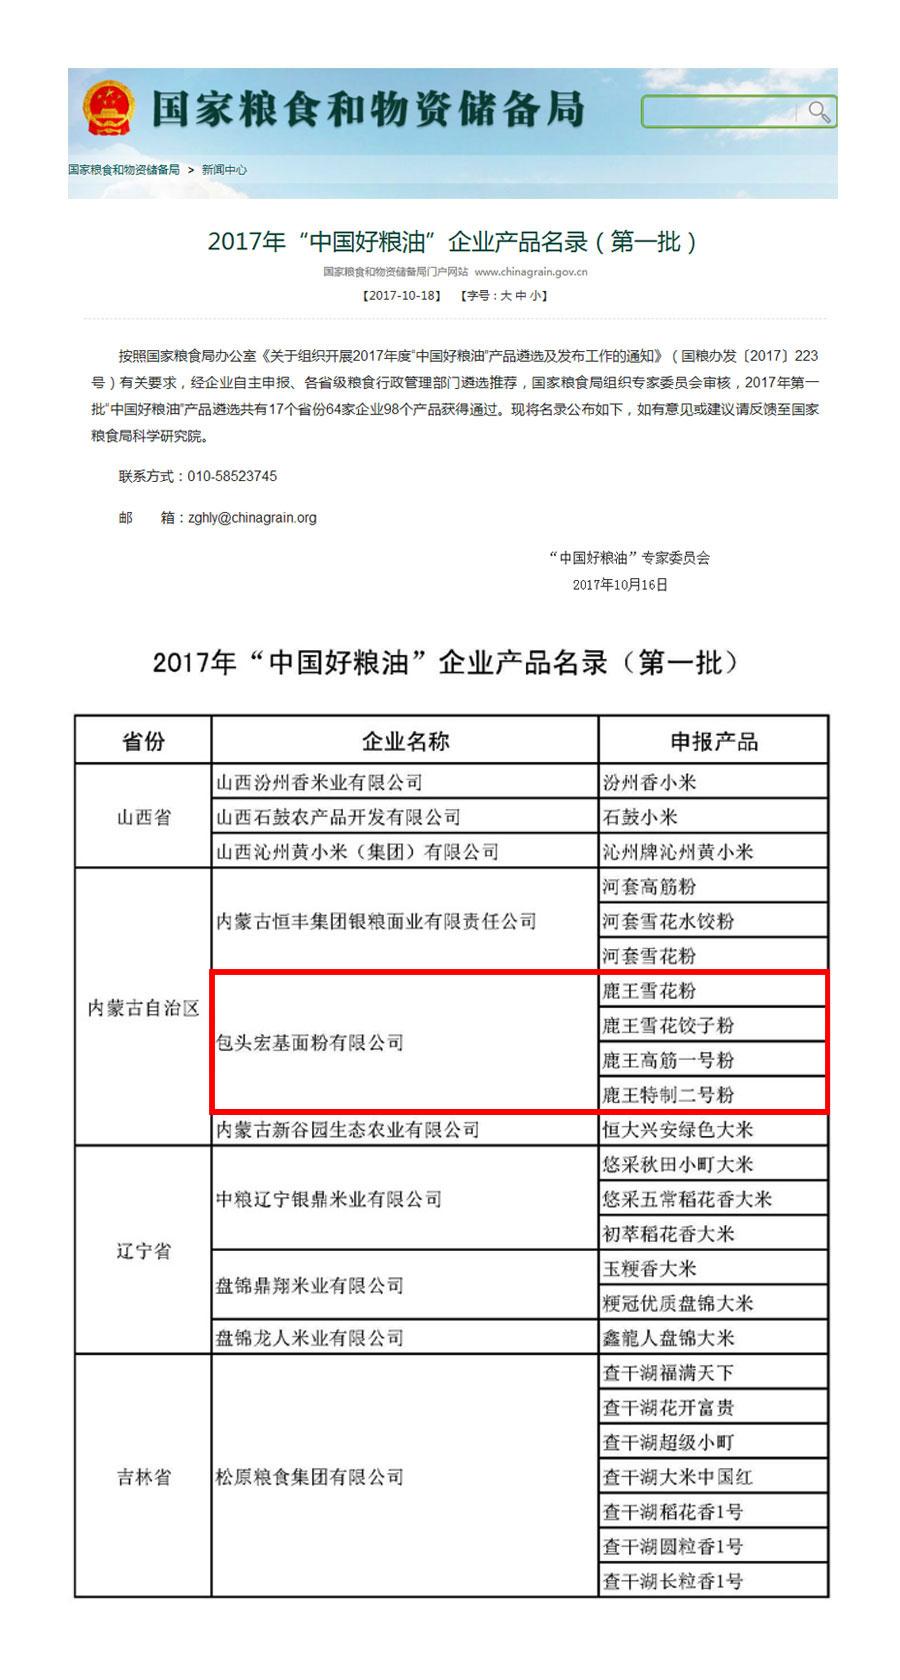 """2017年""""中国好粮油""""企业产品名录(第一批)"""